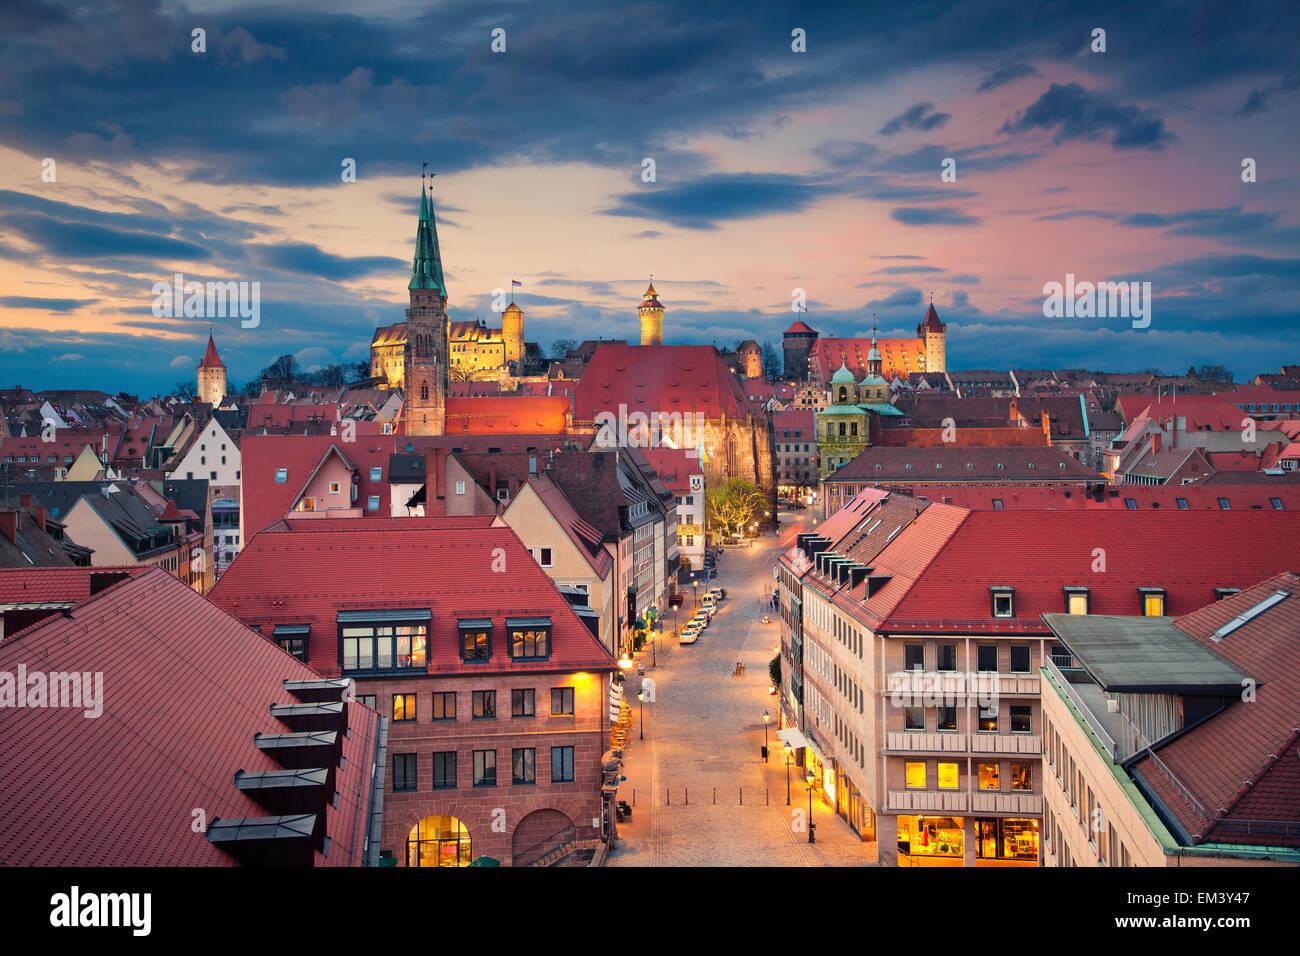 Norimberga. Immagine del centro storico di Norimberga, Germania al tramonto. Immagini Stock